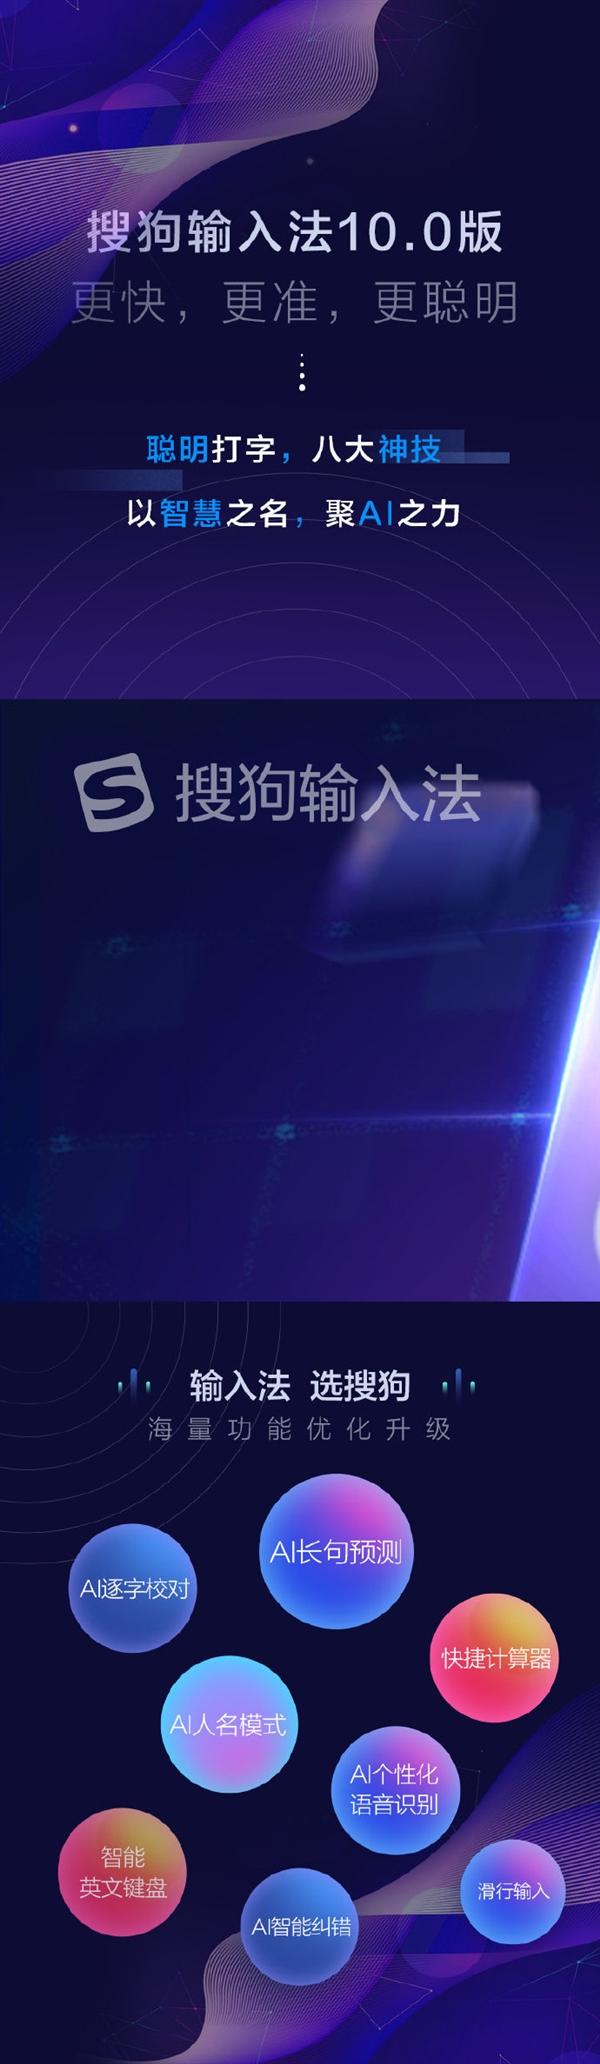 搜狗输入法10.0版发布:输入速度提升30%以上